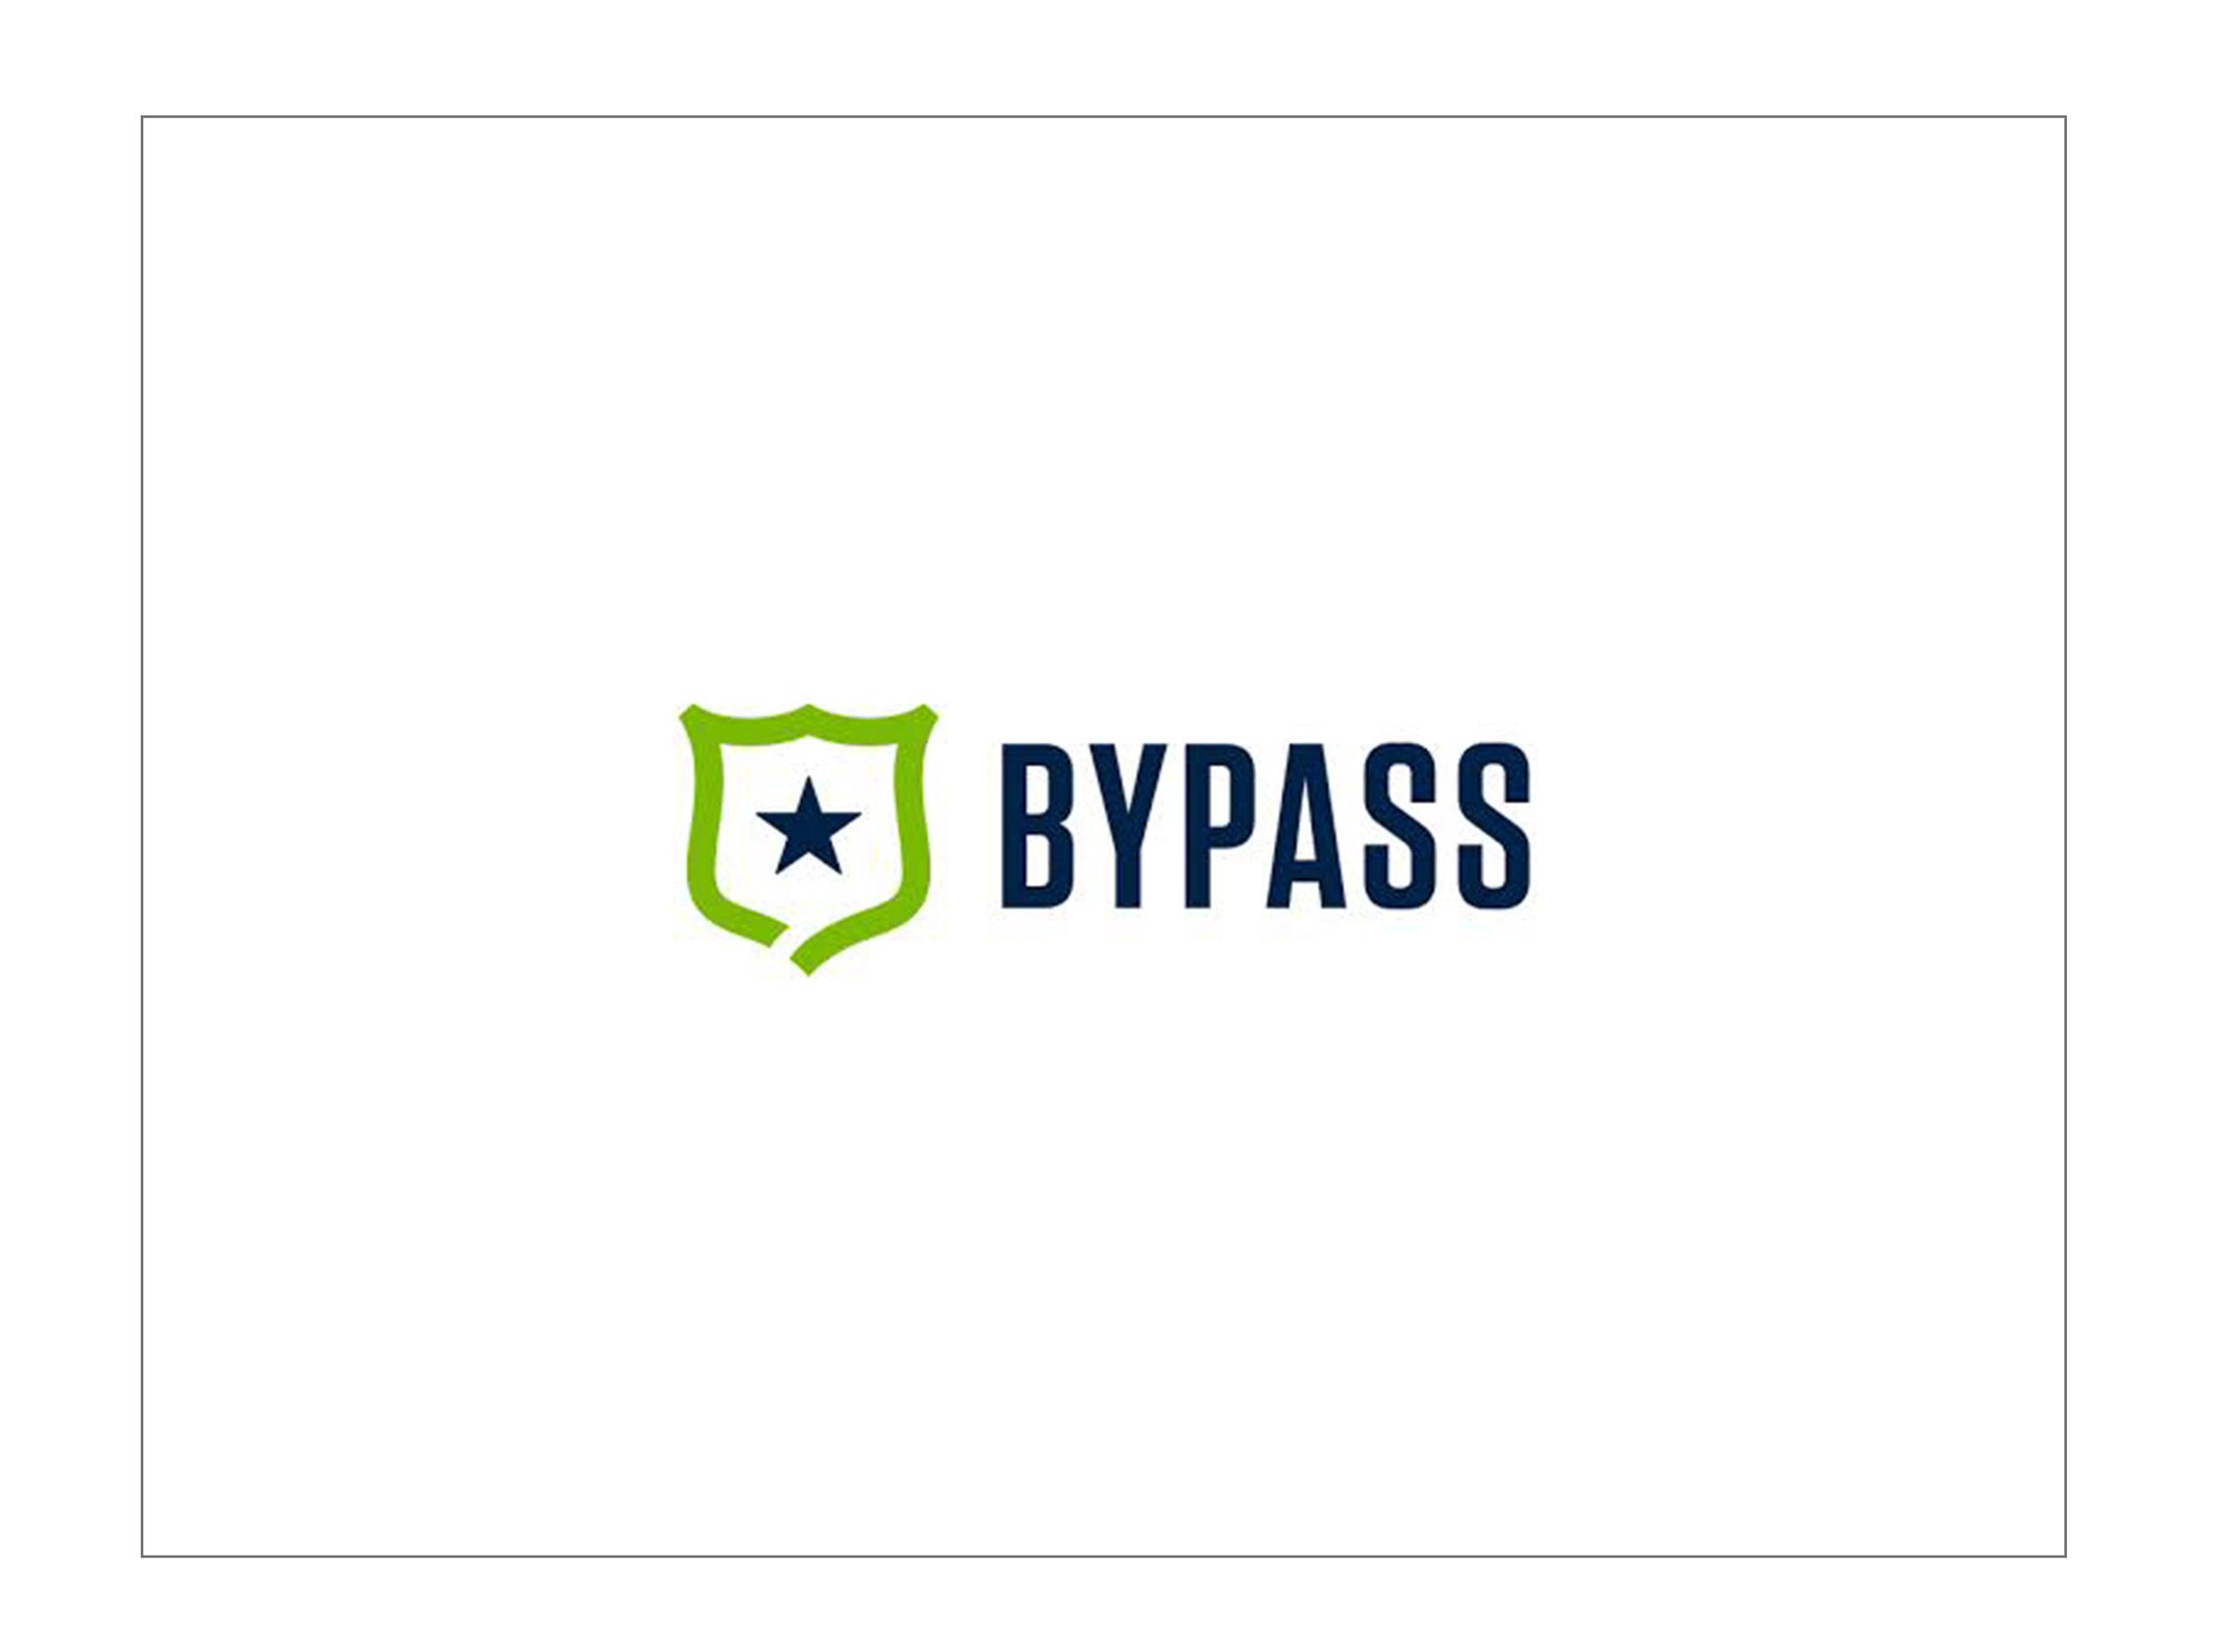 bypass_mobile.jpg